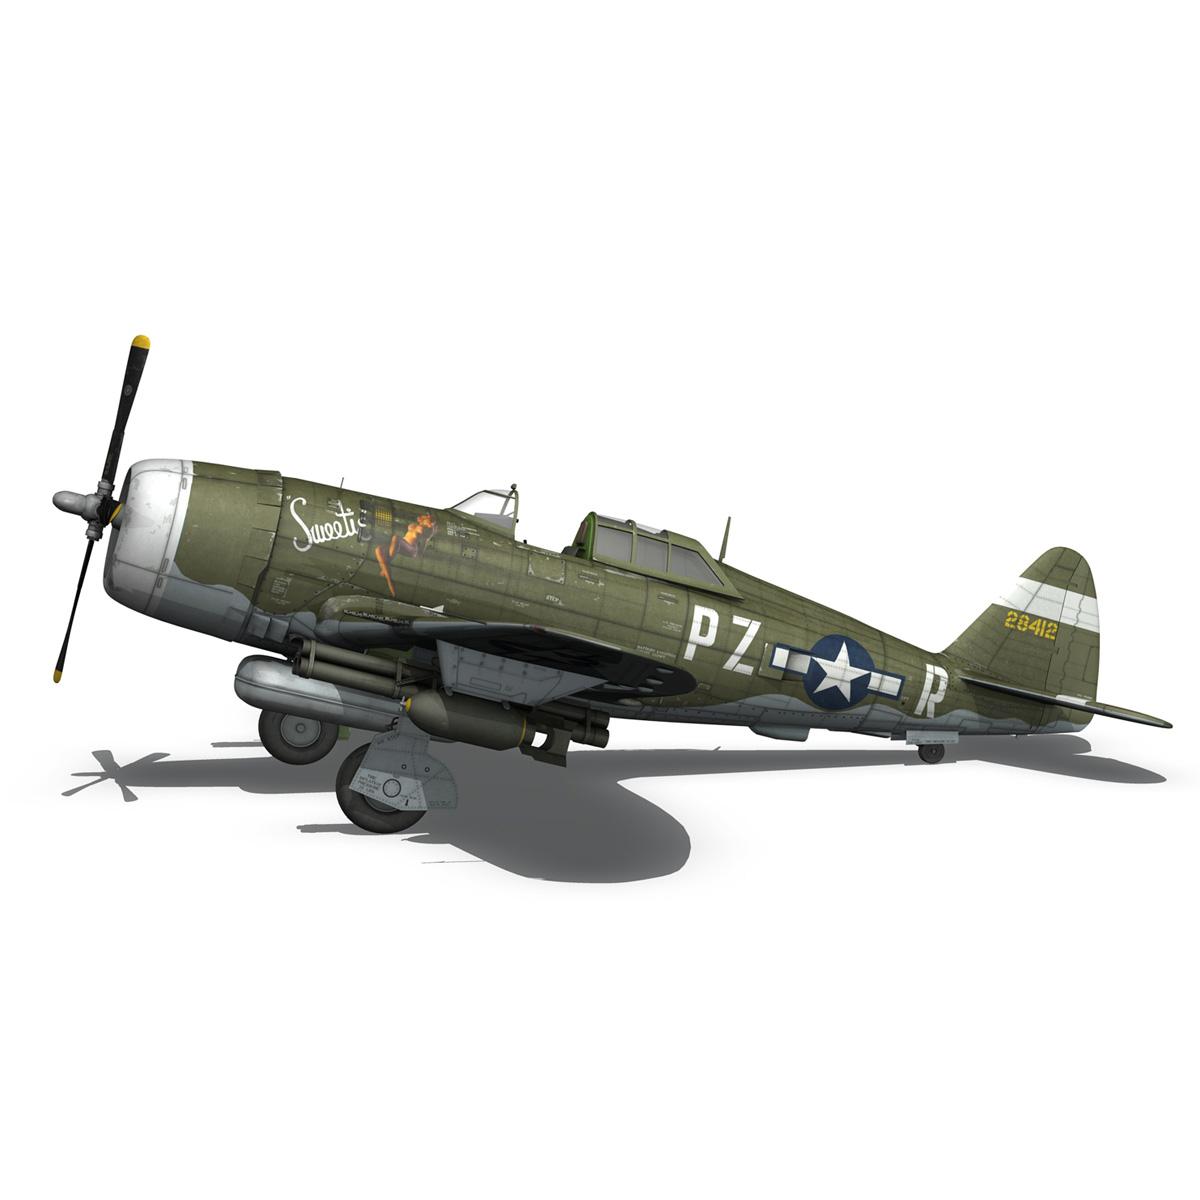 republic p-47d thunderbolt – sweetie – pz-r 3d model 3ds fbx c4d lwo obj 281842